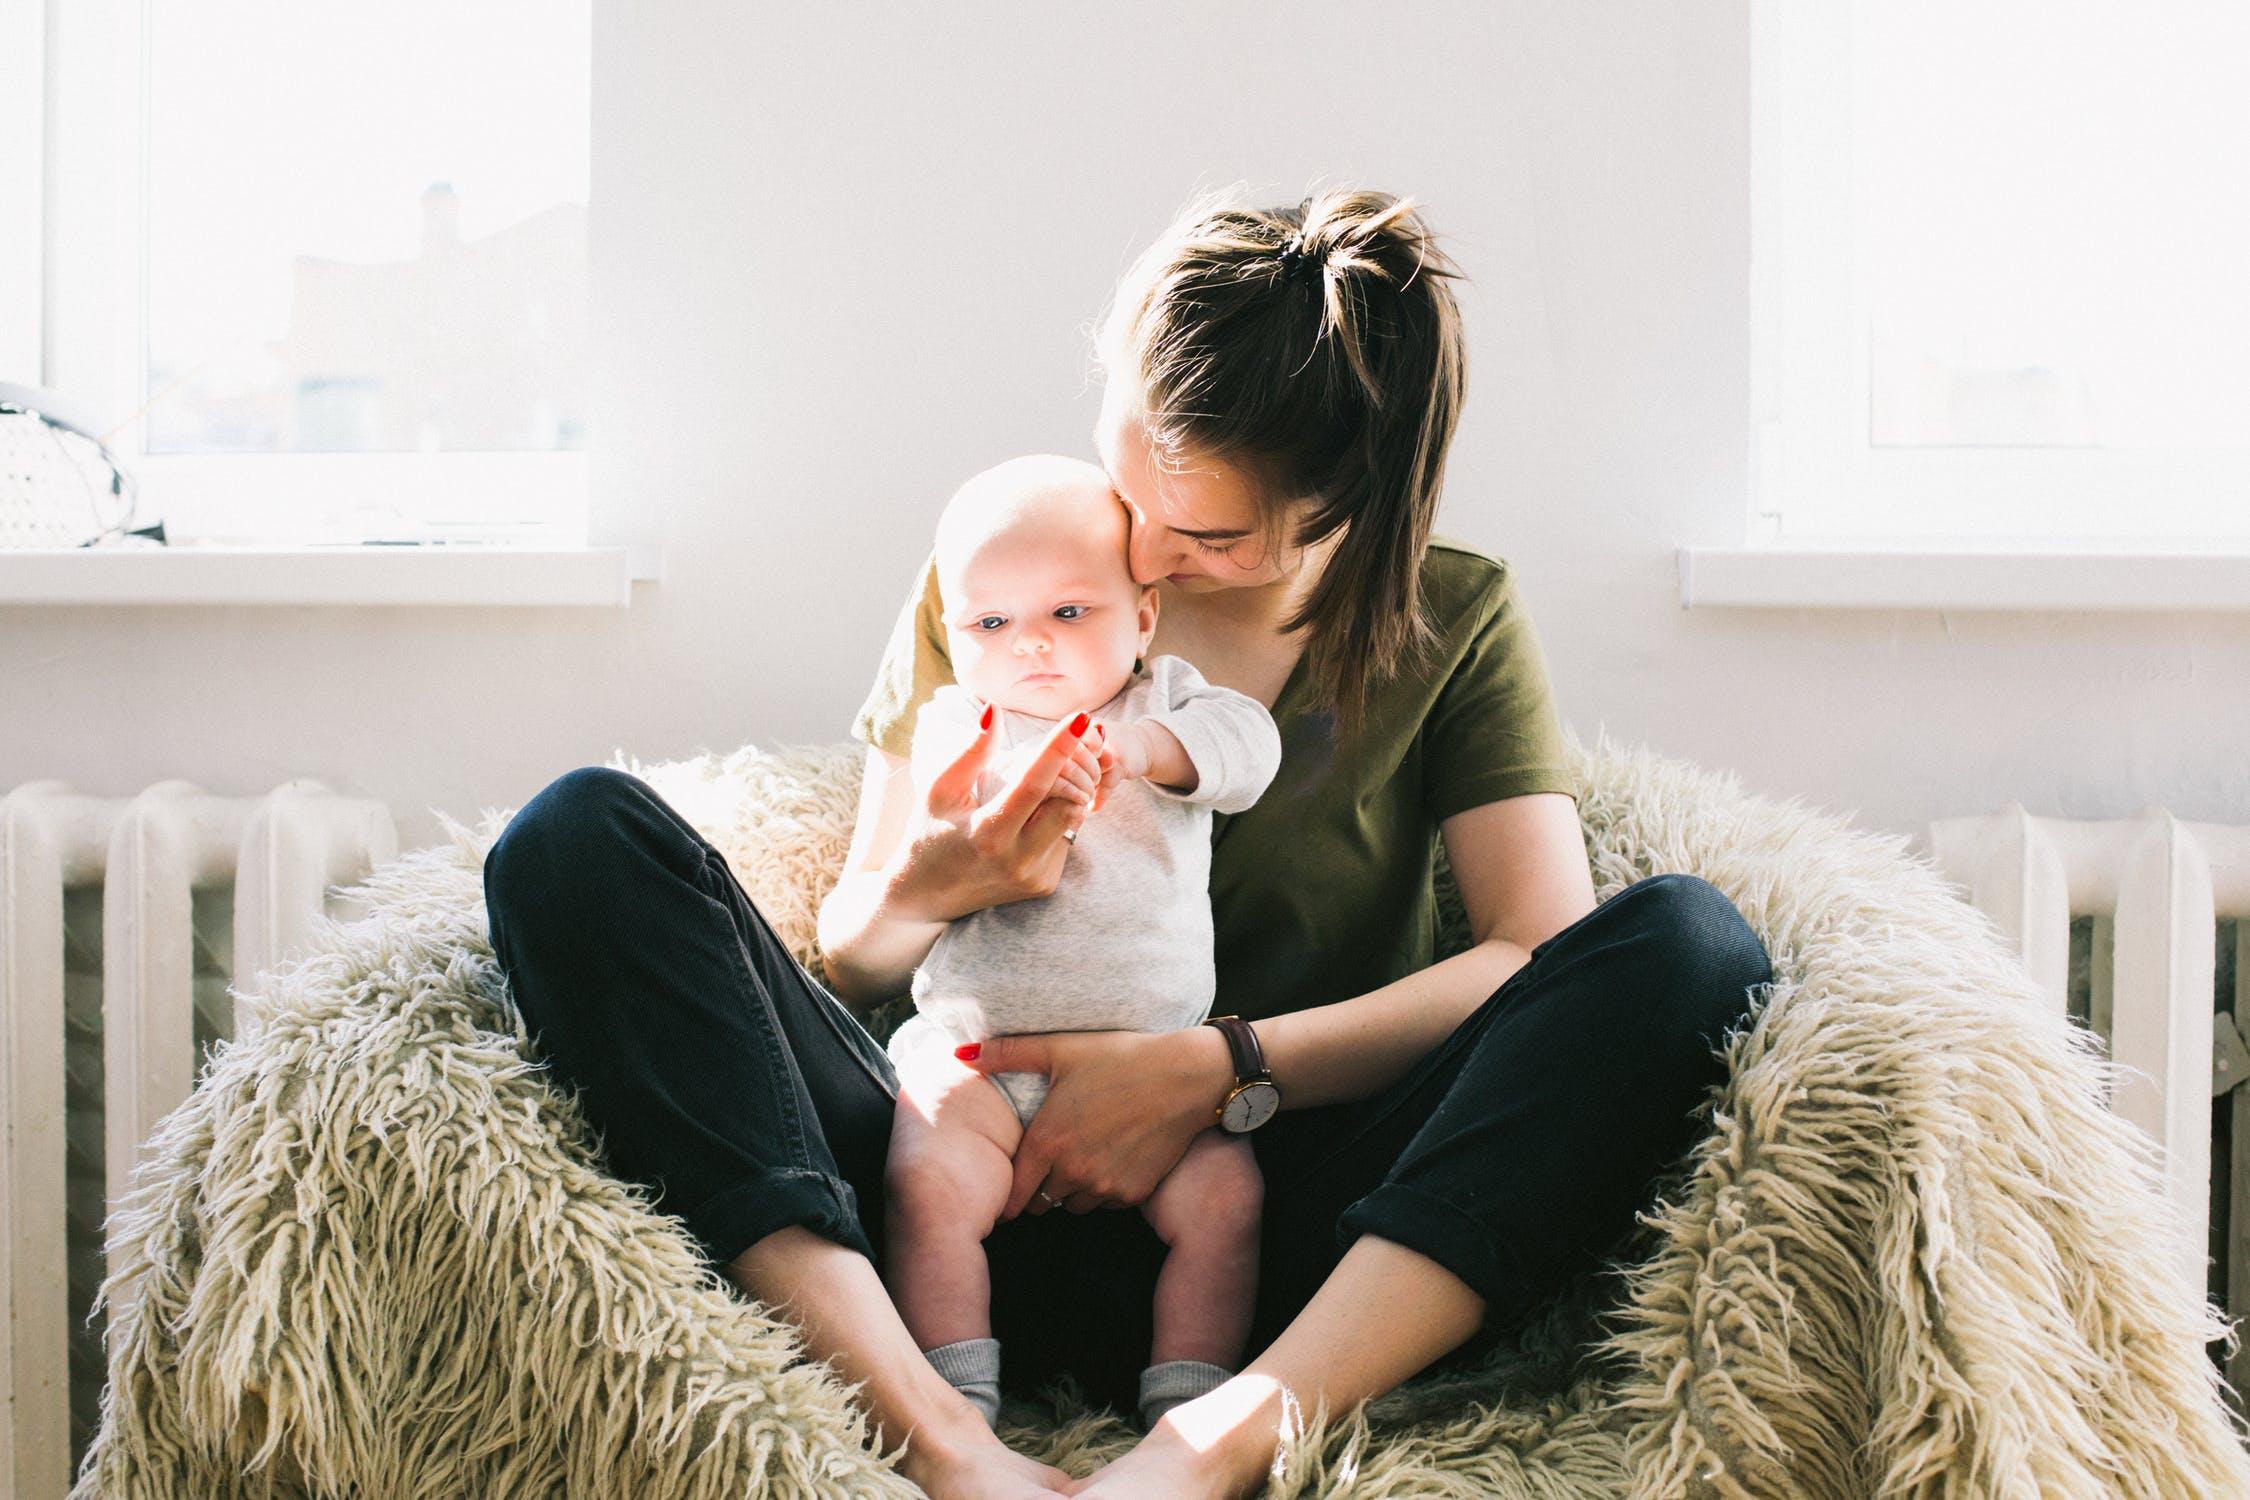 Mleko matki – dlaczego jest tak ważne dla dziecka?